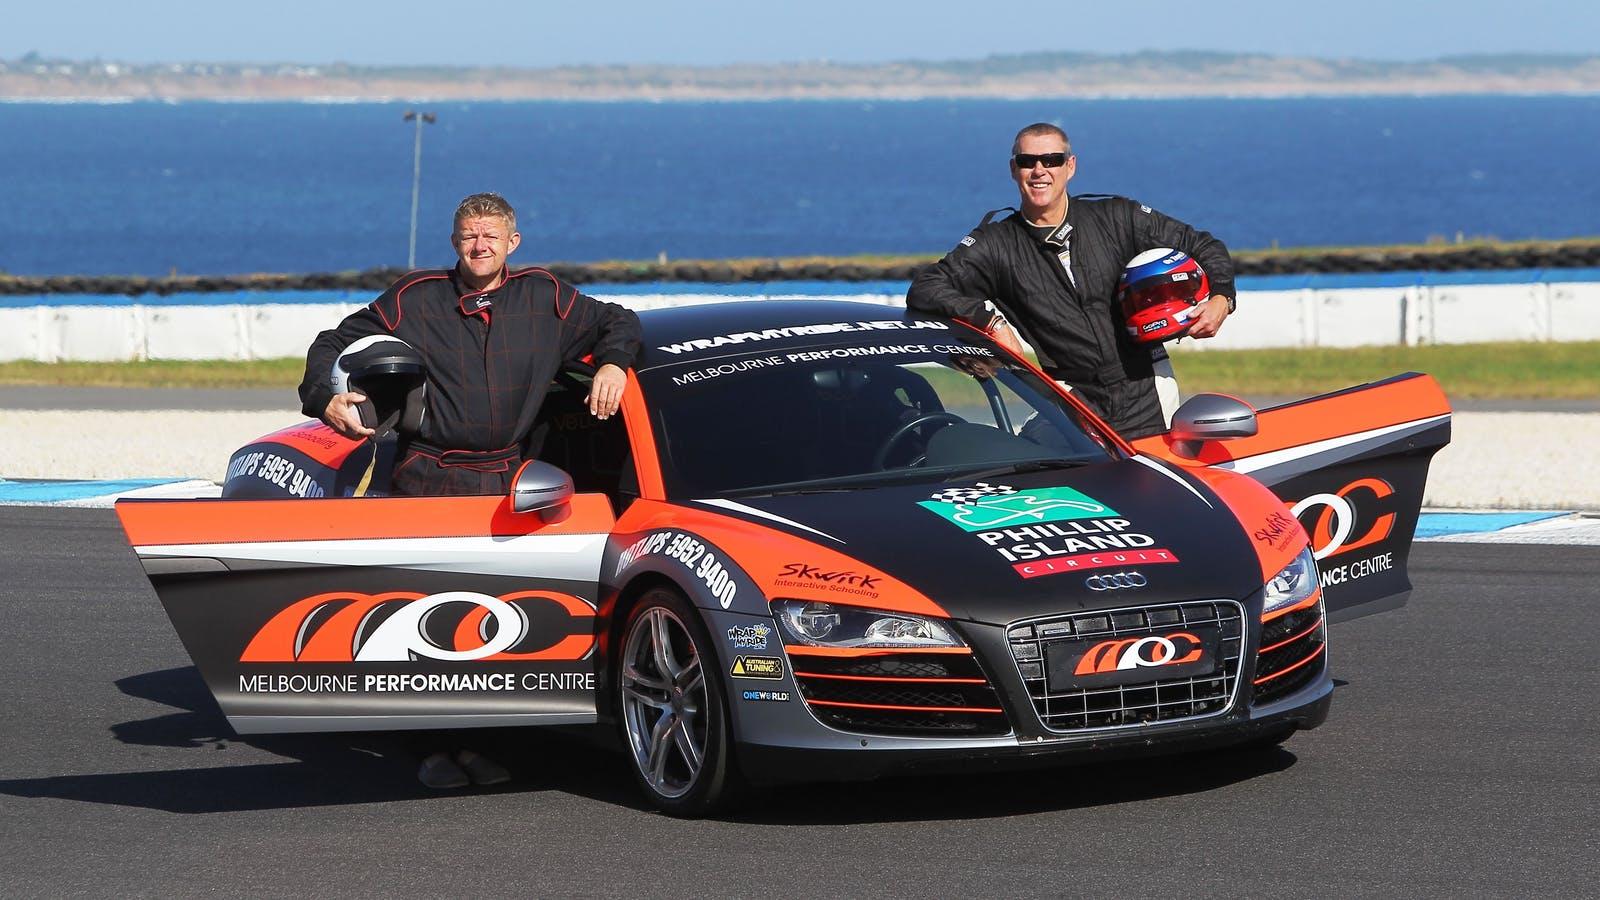 Audi Hot Lap Car